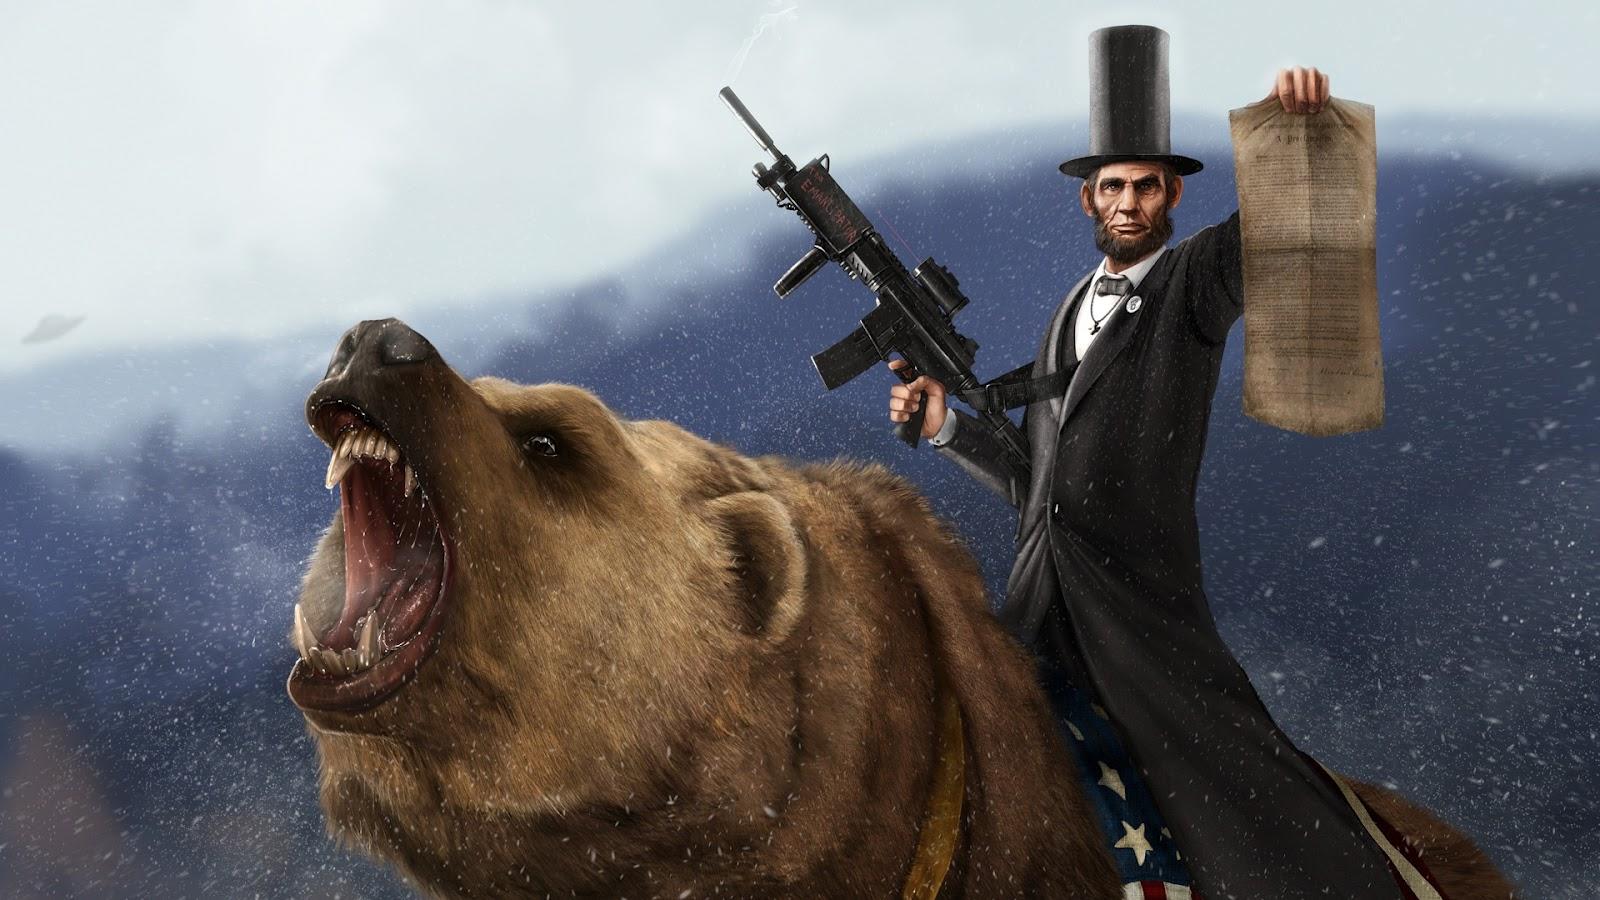 http://1.bp.blogspot.com/-jJPGYuwHrrY/T9Tzy6fOpVI/AAAAAAAAARM/G3_d-rV8HzM/s1600/Abraham+lincoln+bear+AR15.jpg